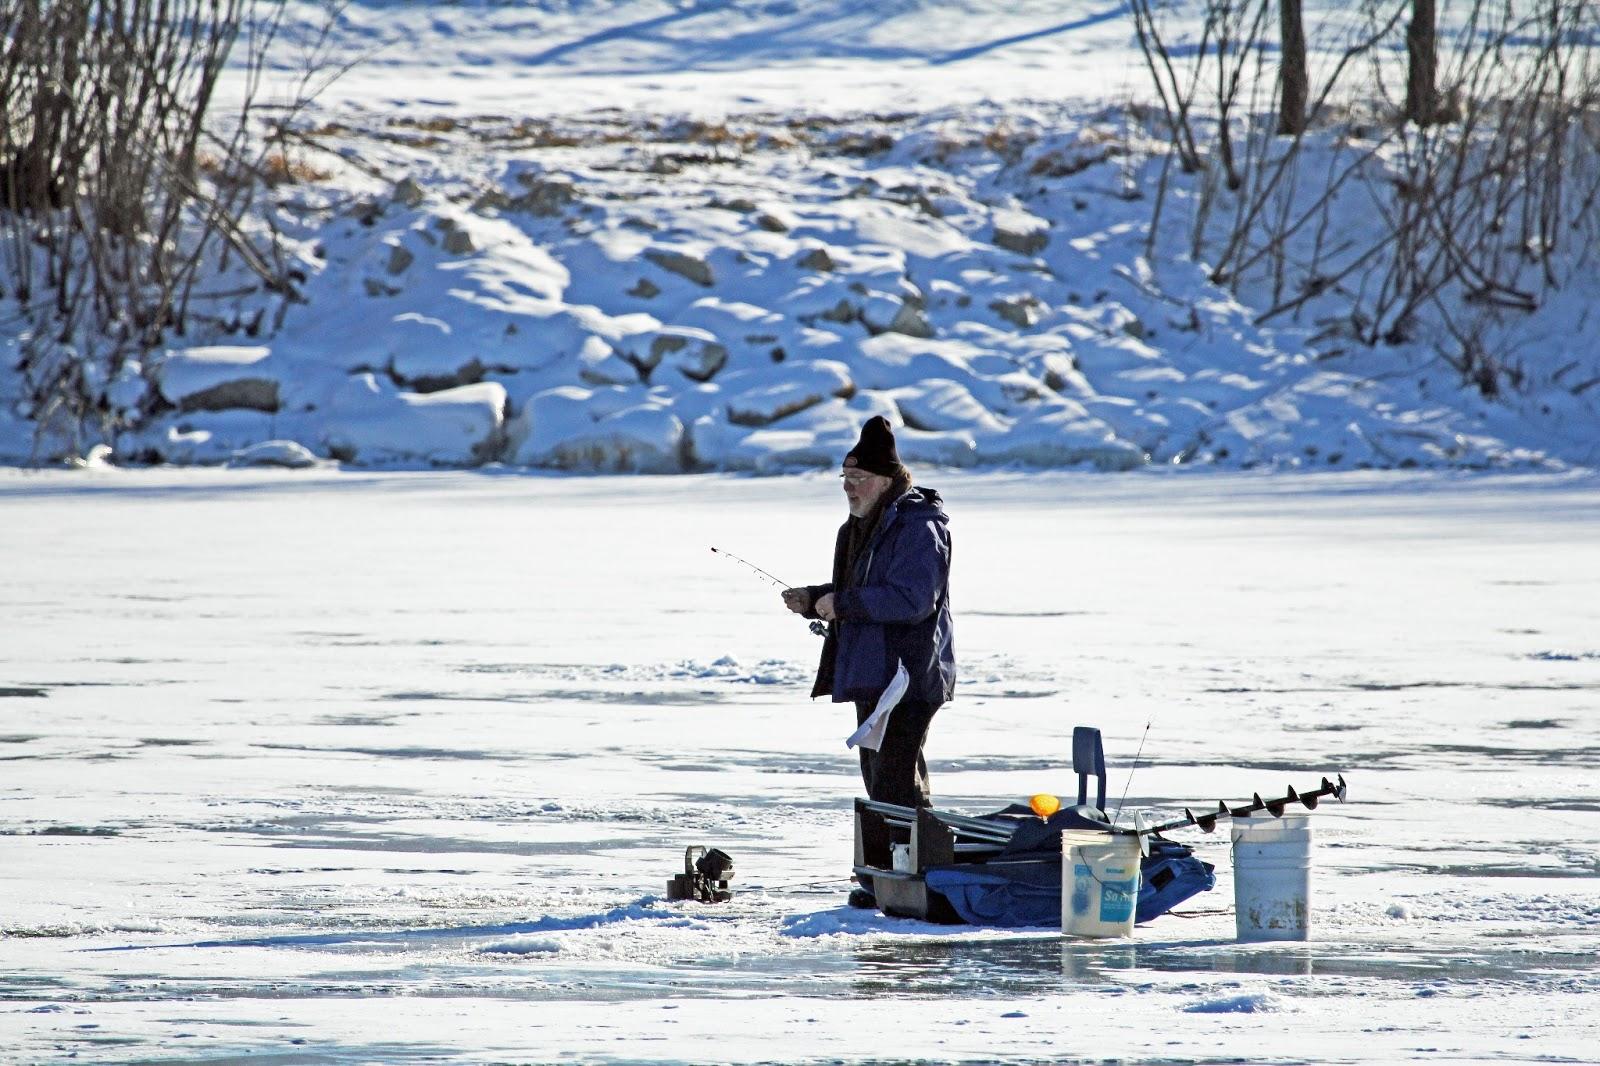 Funke photos ice fishing in iowa for Ice fishing iowa